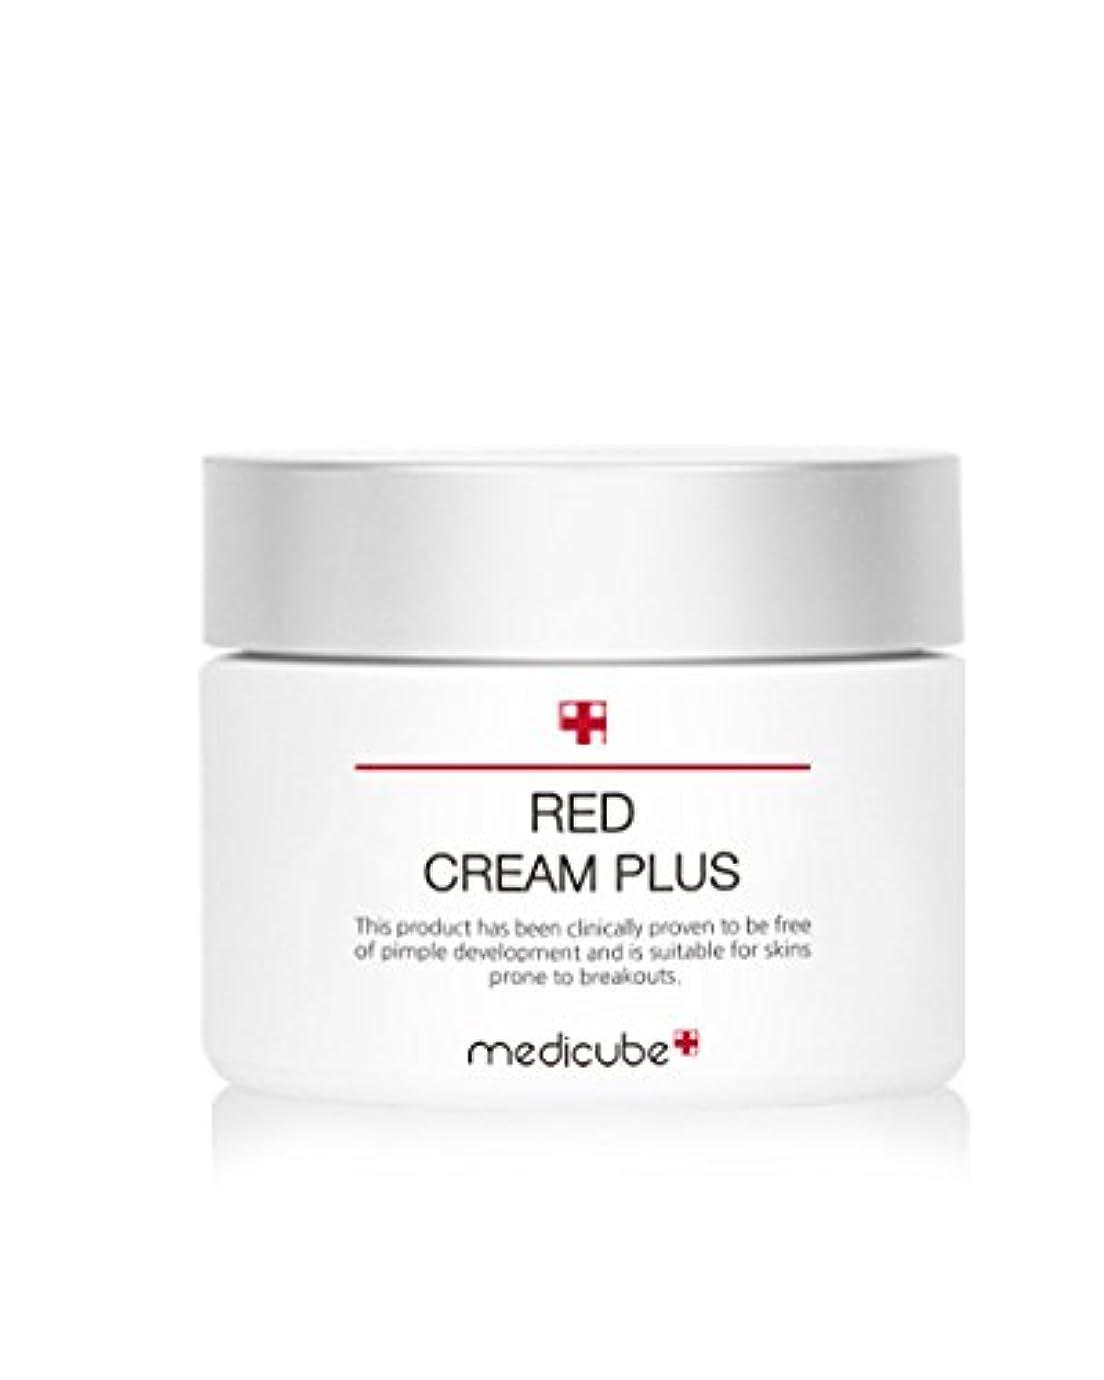 ドアミラー事実特異性[Medicube]メディキューブ レッド クリーム プラス 大容量 100ml / Medicube Red Cream Plus 100ml [並行輸入品]